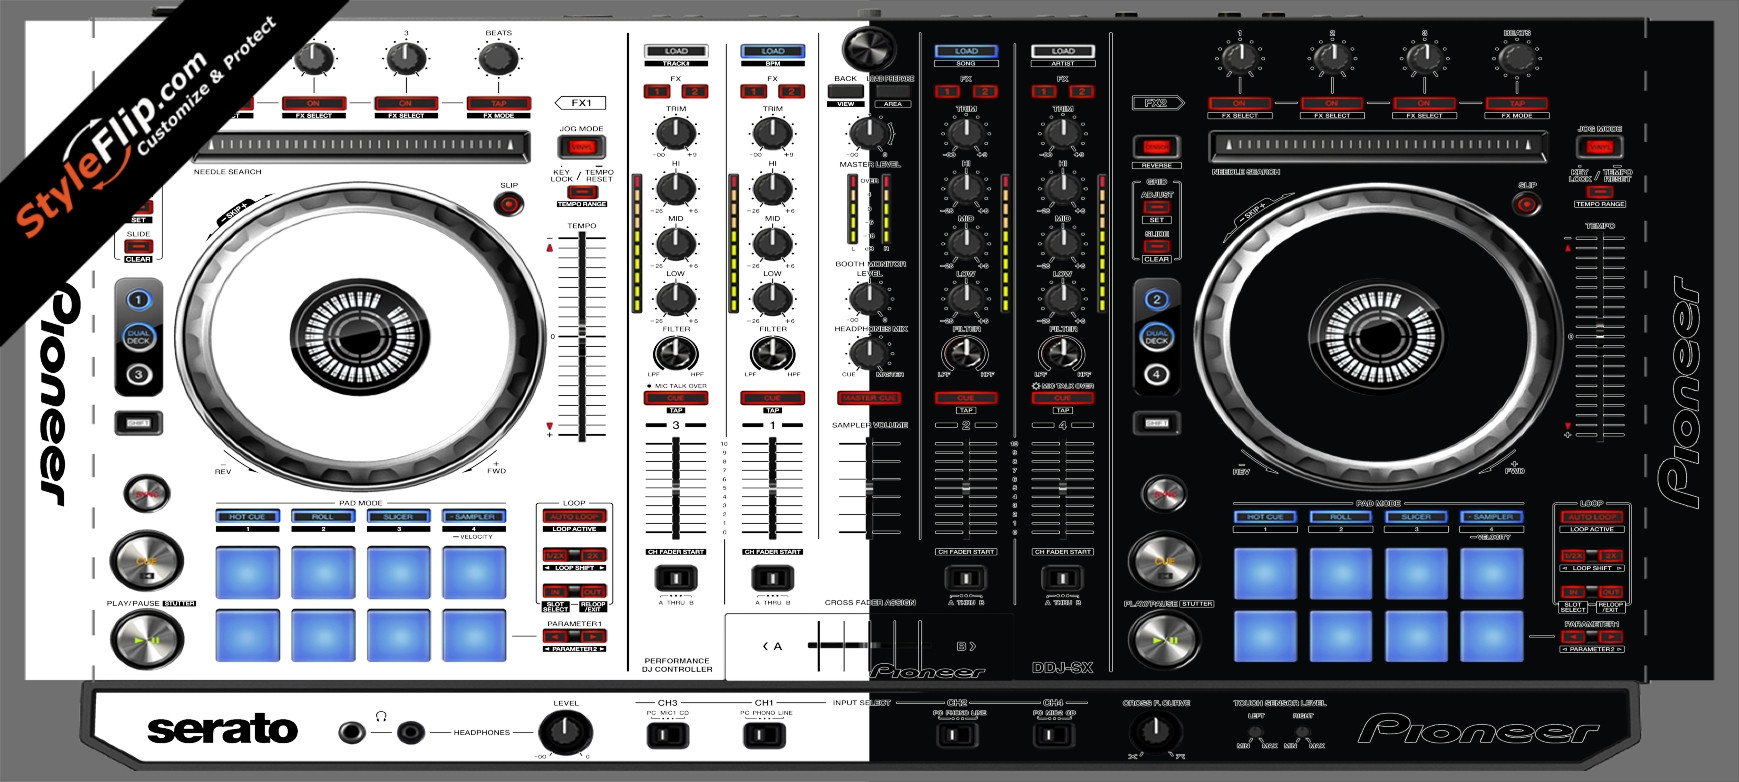 Black & White Pioneer DDJ-SX